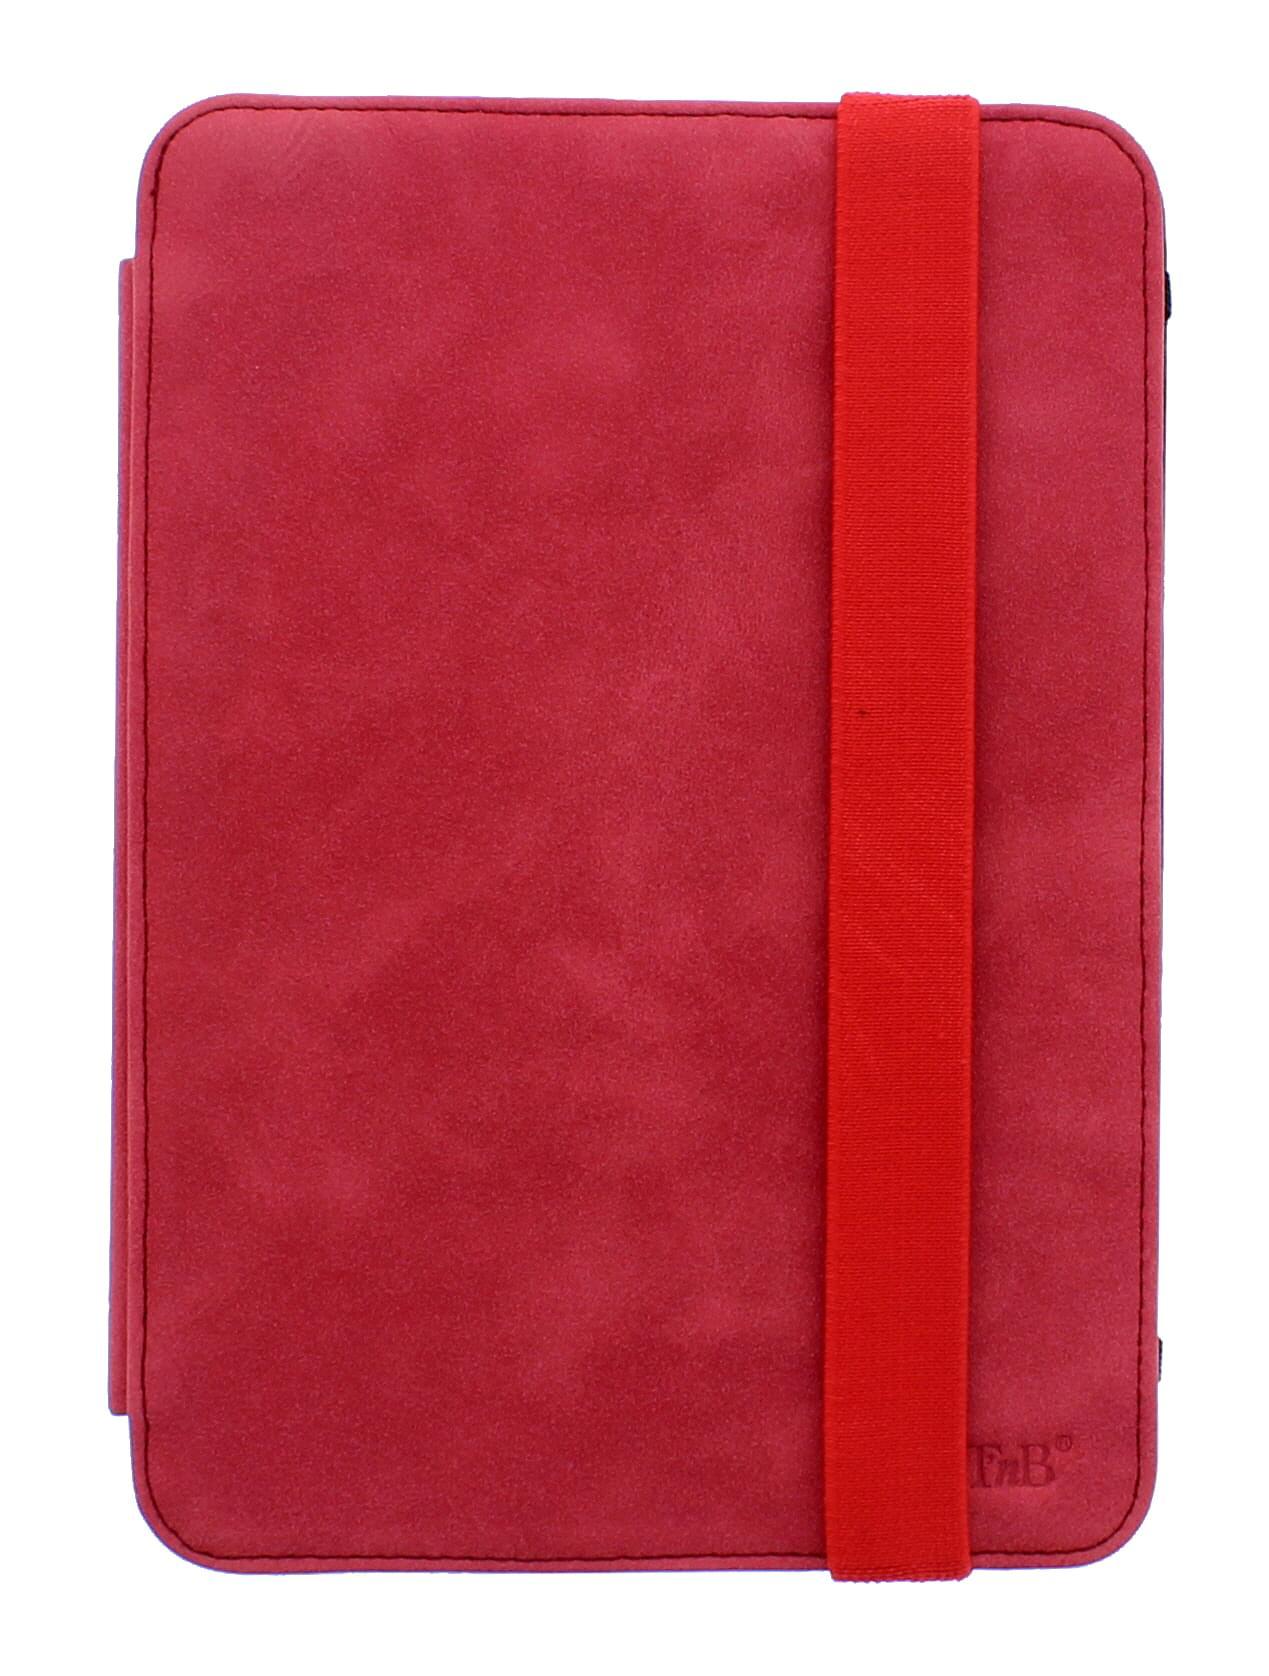 """T'nB Sweet Etui Folio universel 7"""" Rouge (UTABFOLRD7 soldé) - Achat / Vente Accessoire Tablette sur Cybertek.fr - 0"""